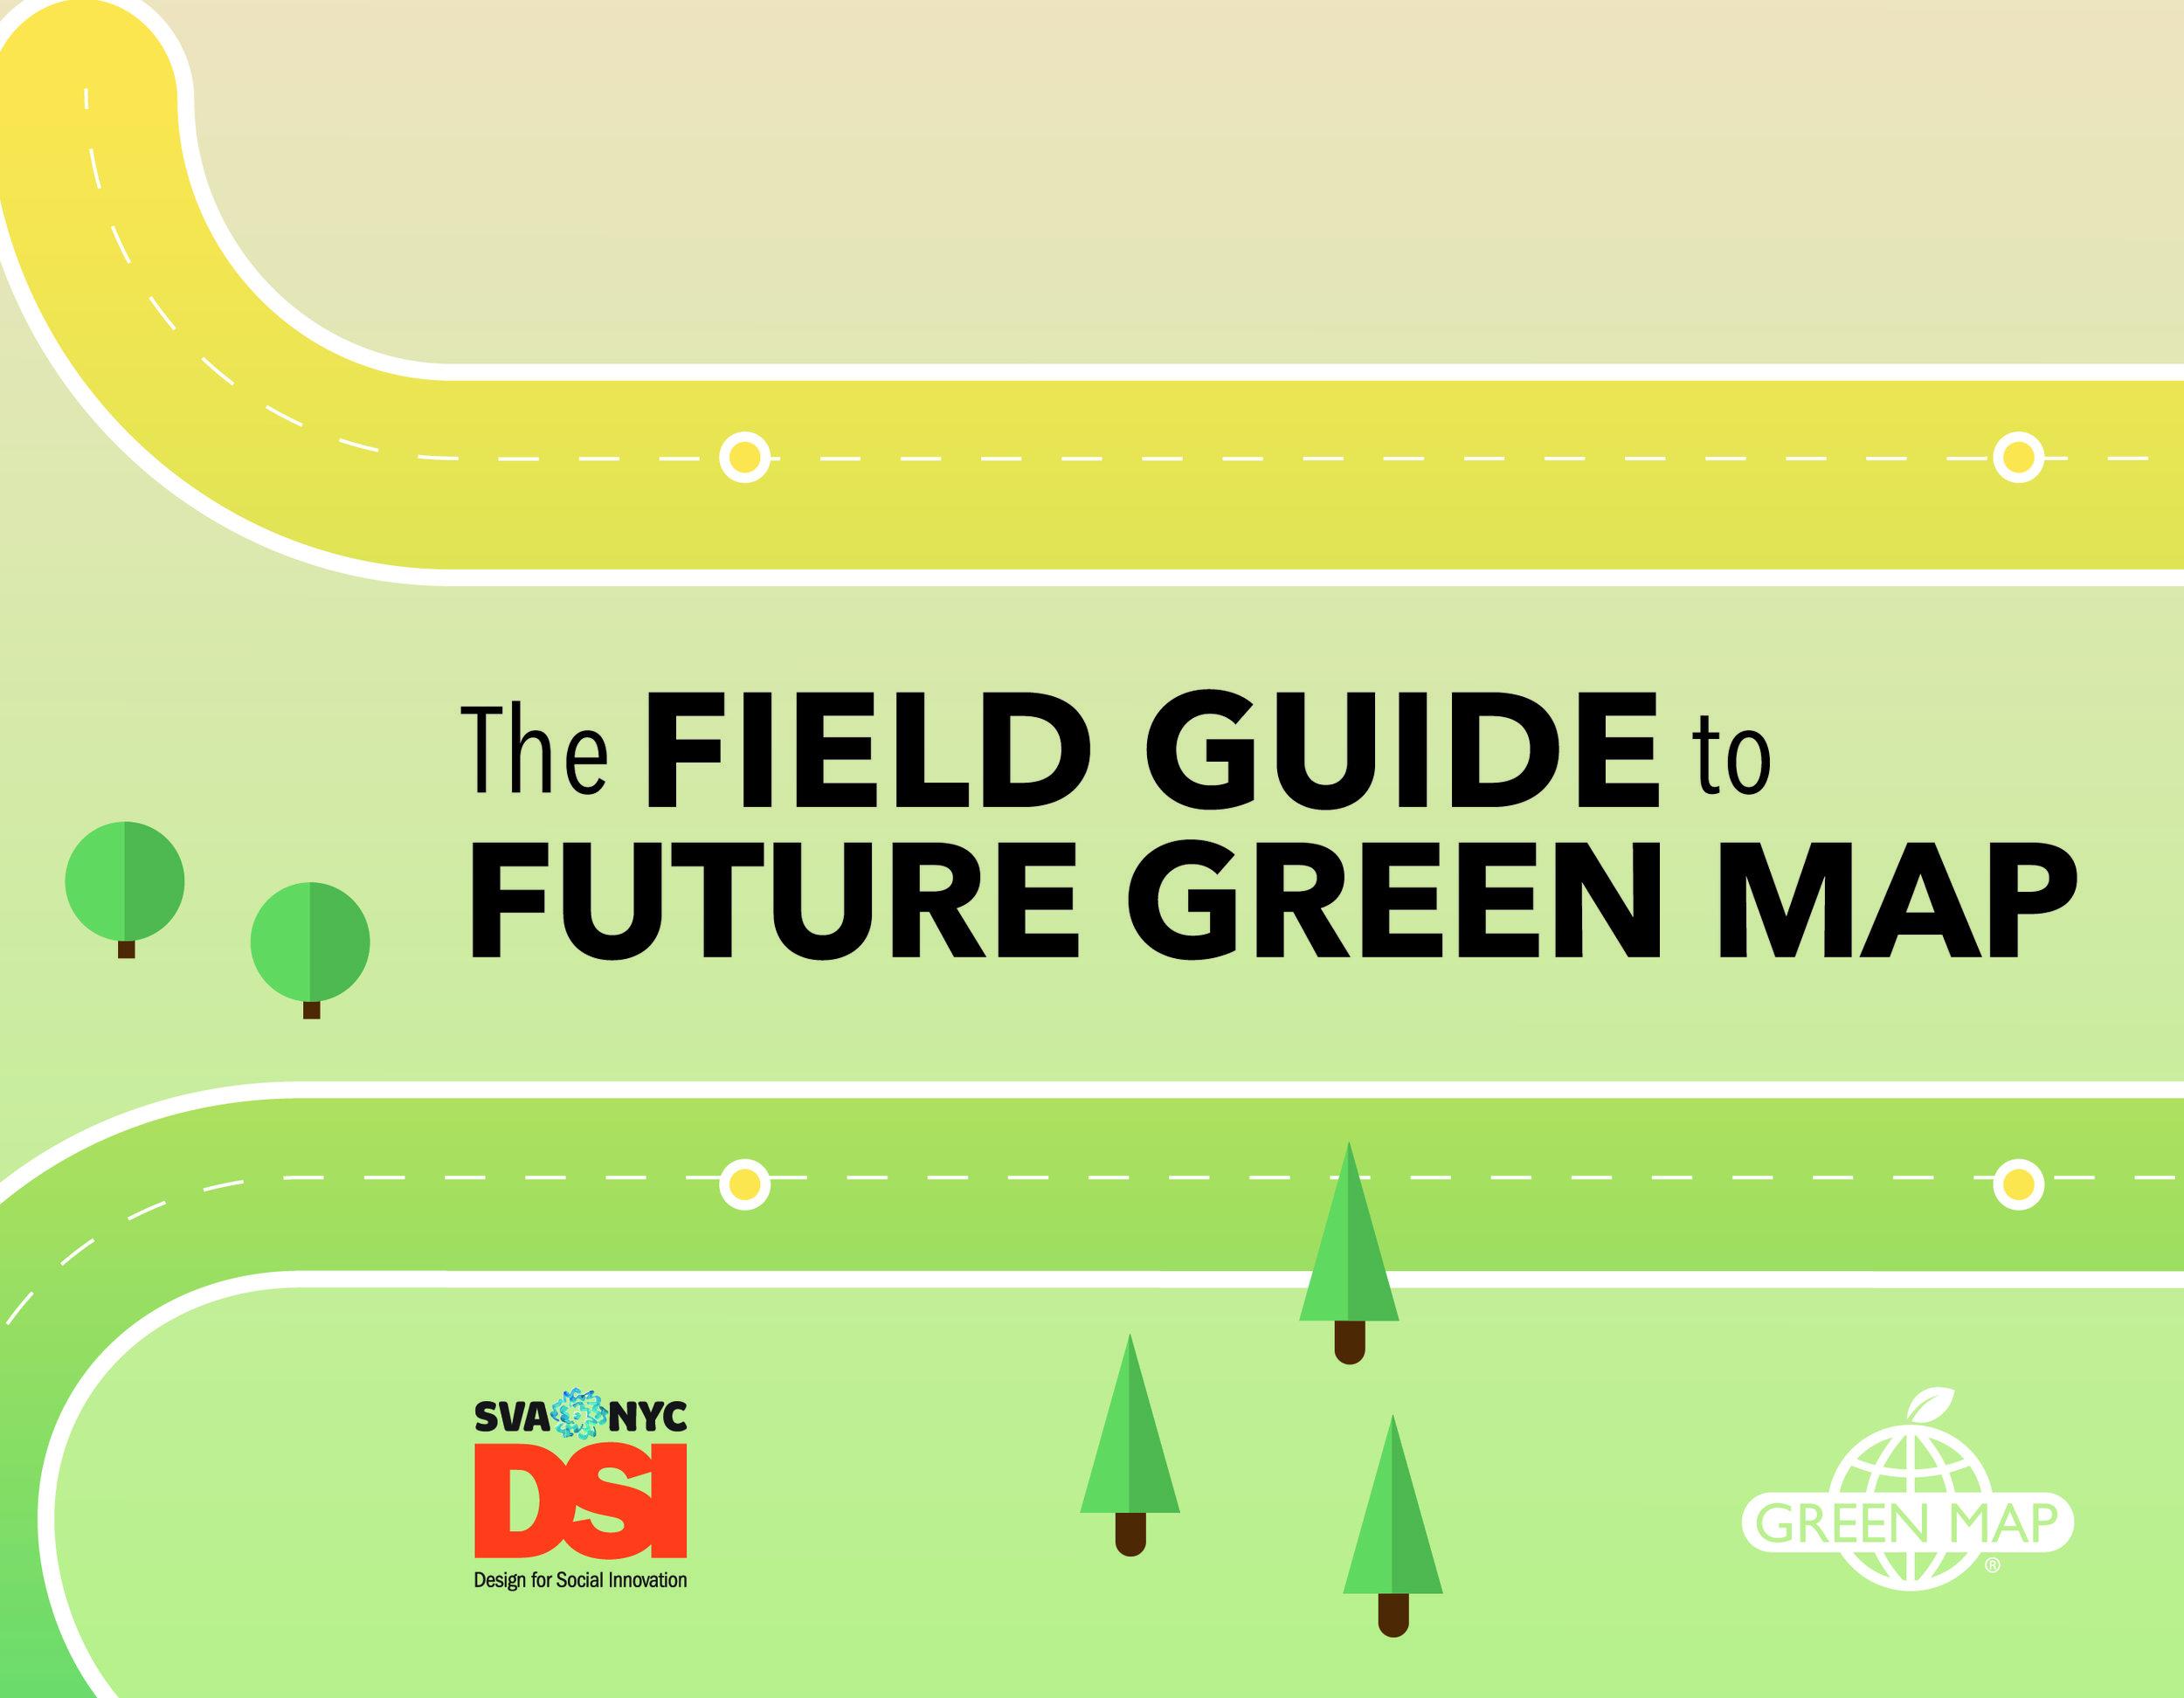 greenmapbook_final_spread-01.jpg